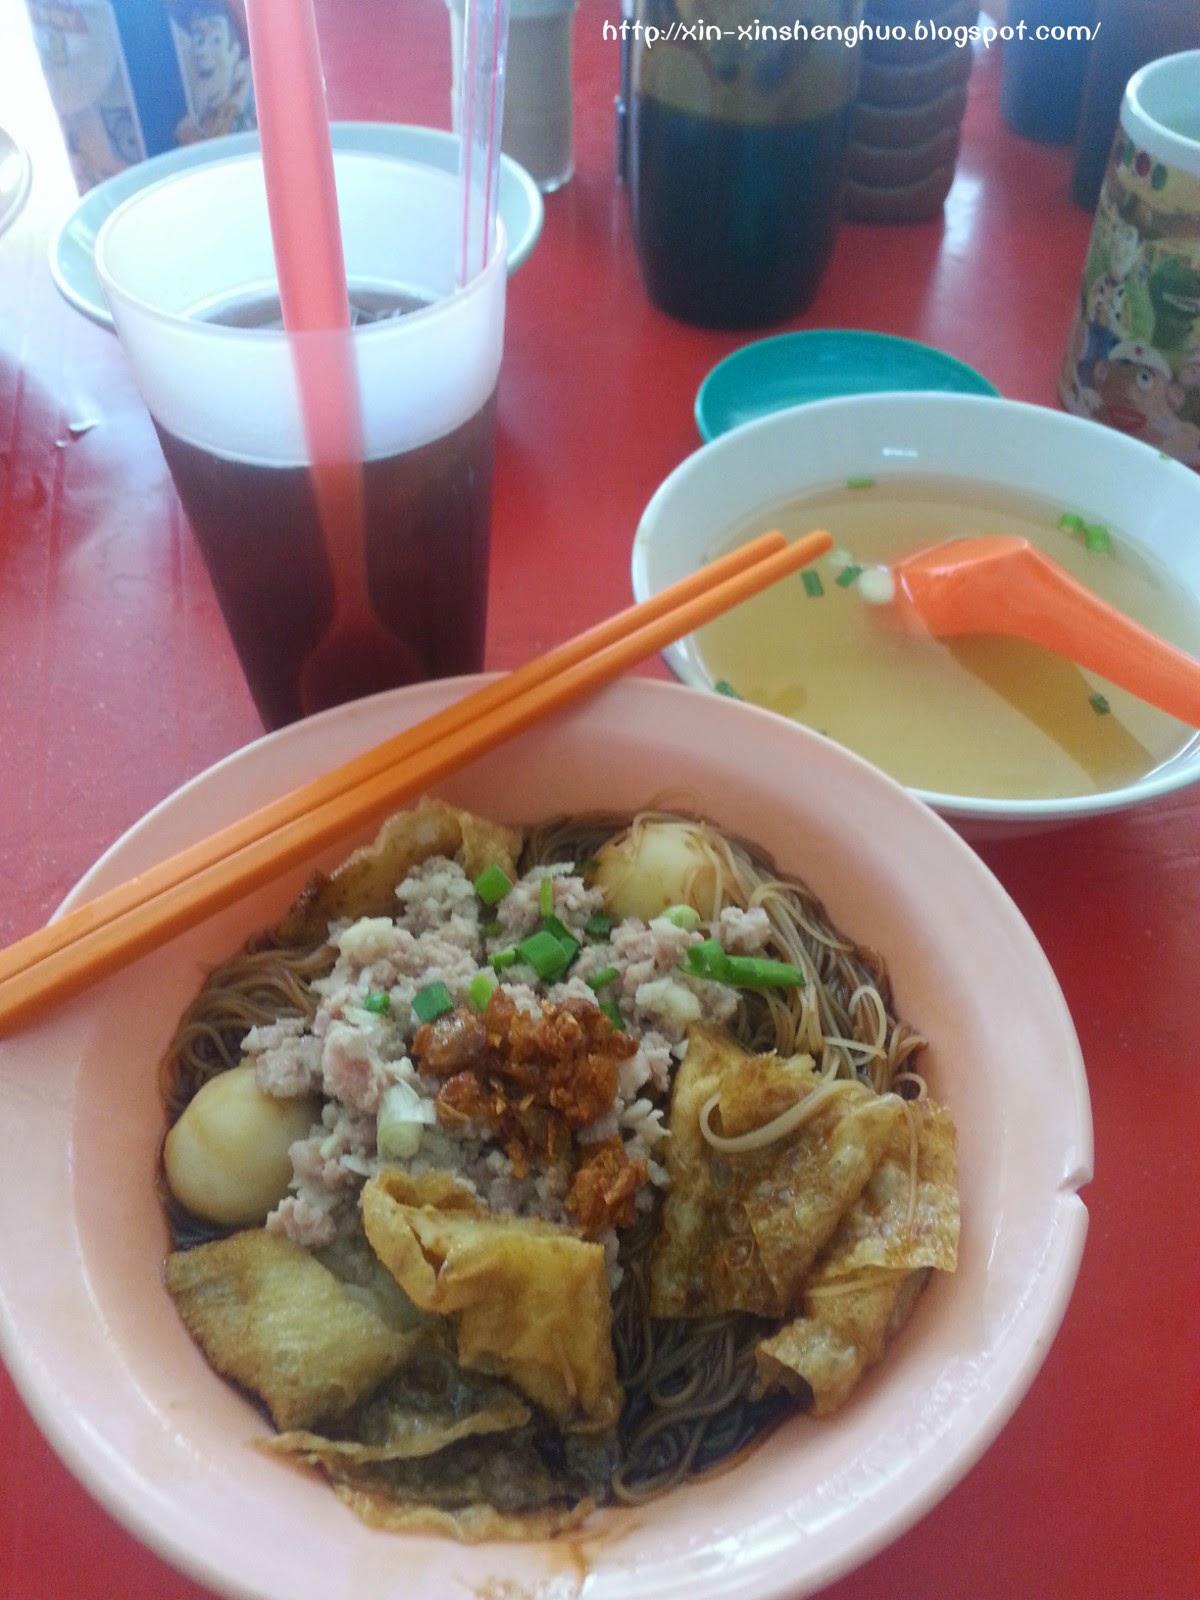 酿豆腐 + 米粉 + 罗汉果